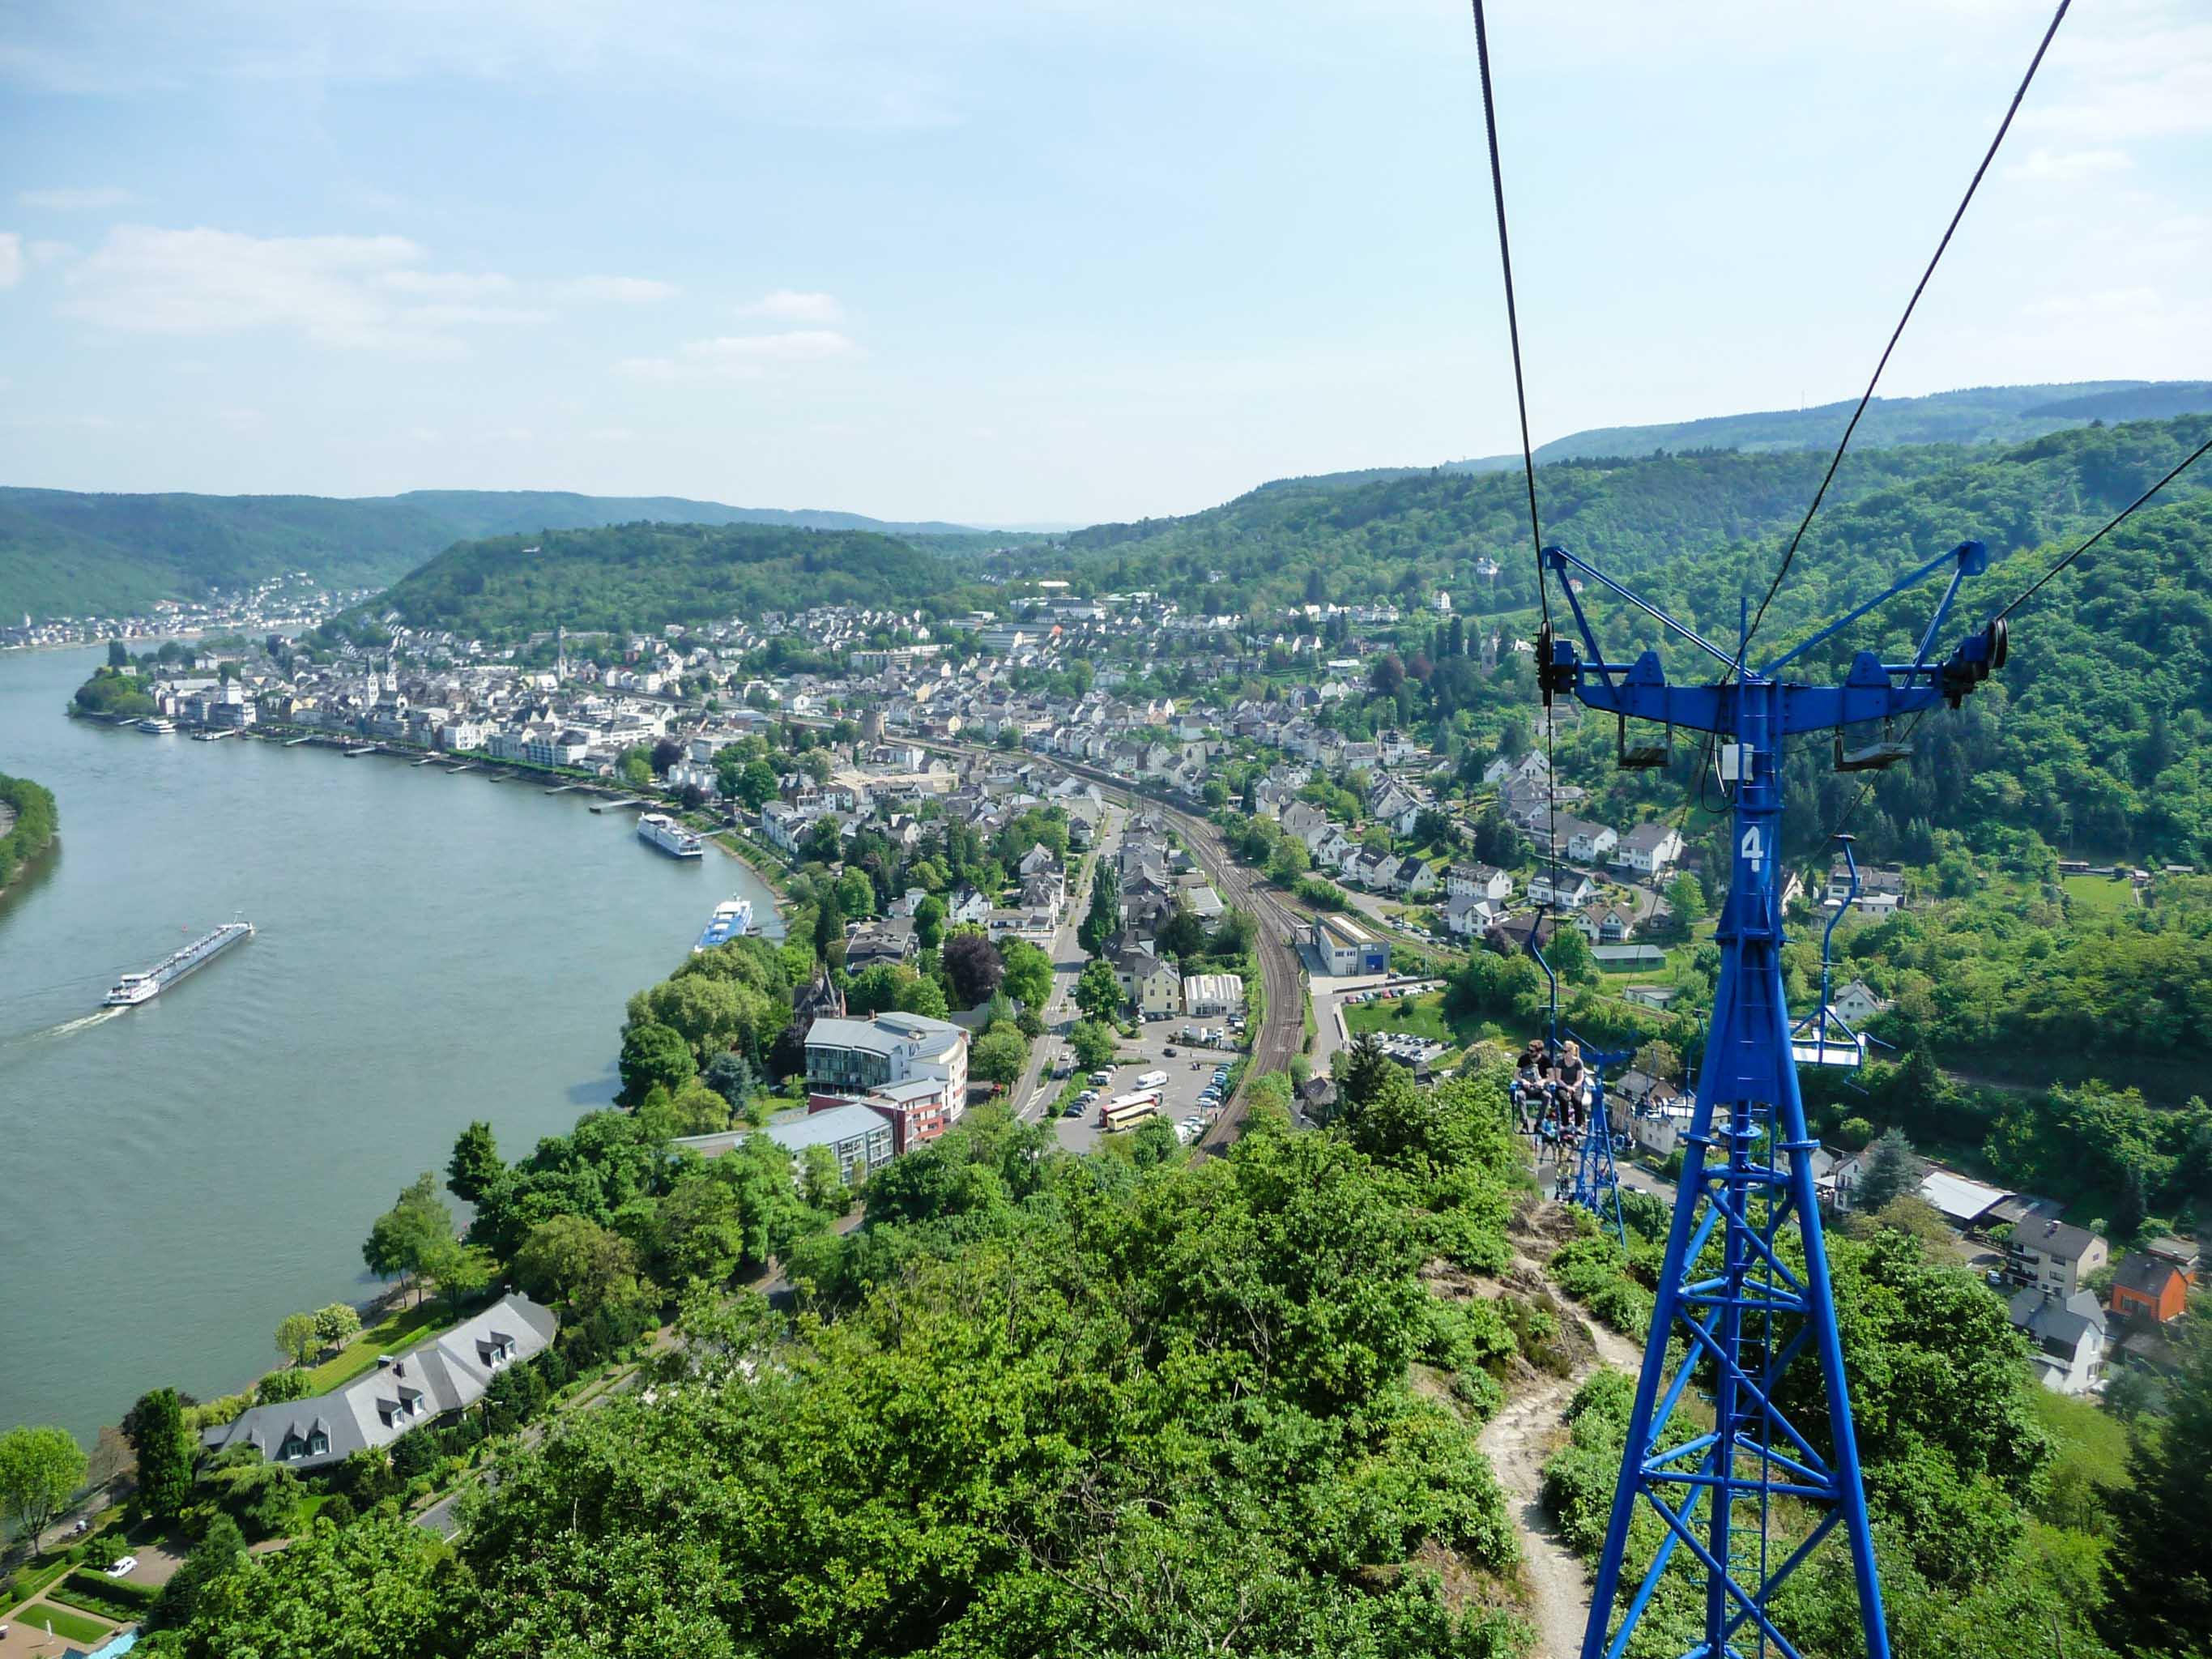 Klettersteig Rheinsteig Boppard : Mittelrhein klettersteig boppard freiweg outdoor activity